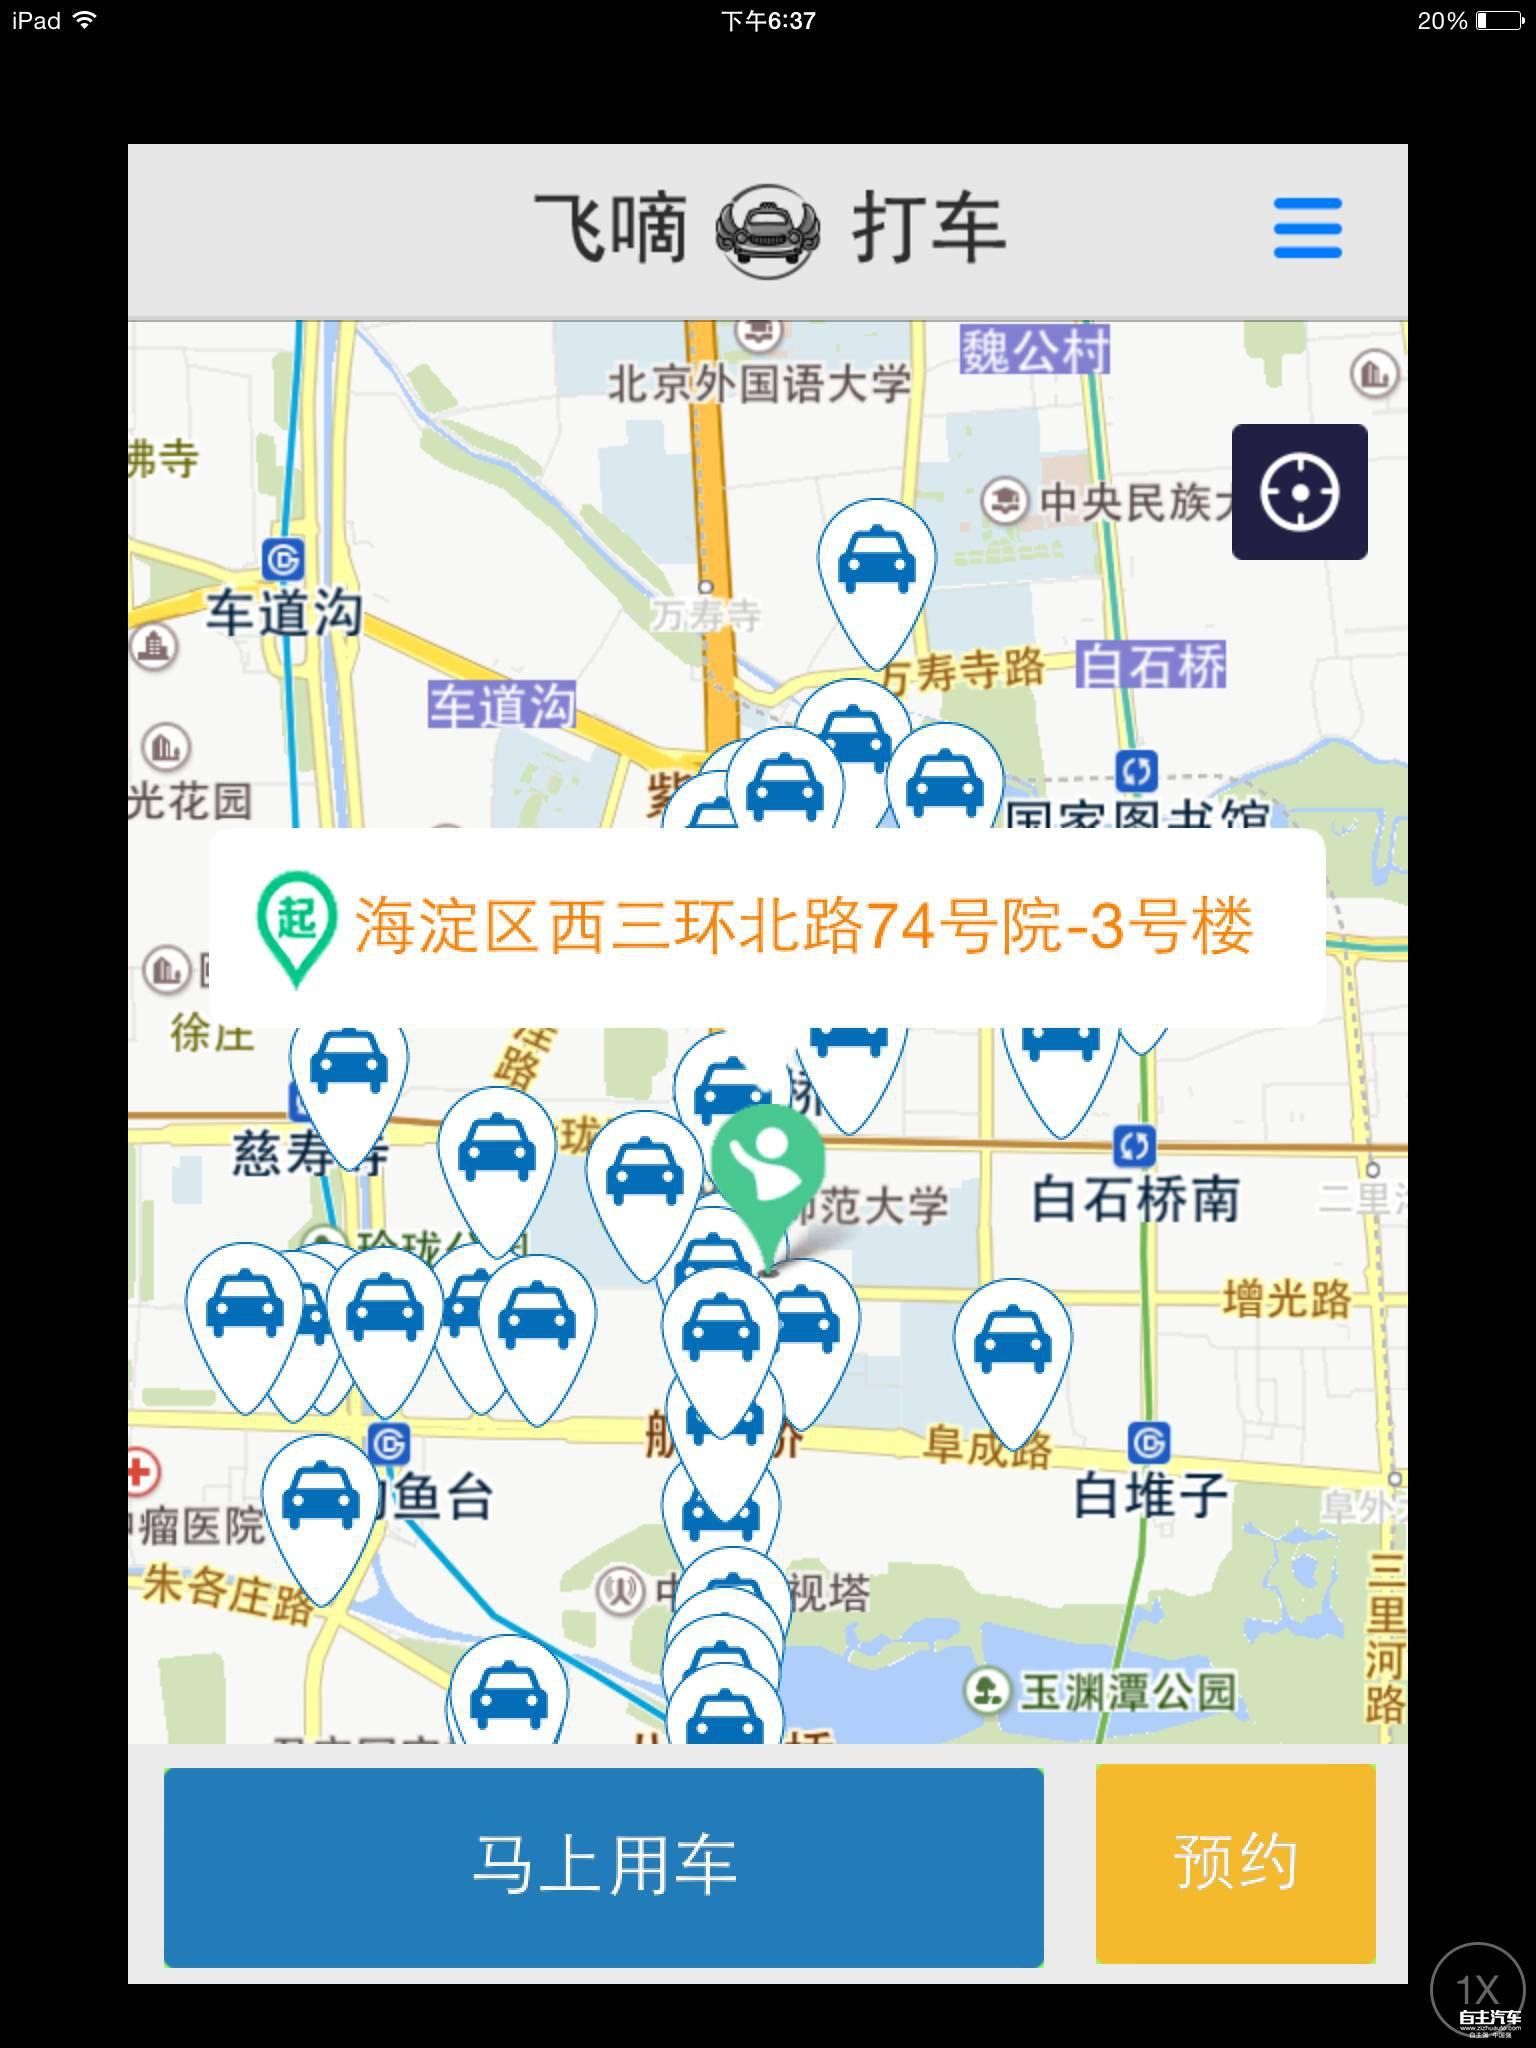 飞嘀打车获得全国第五张网约车平台牌照